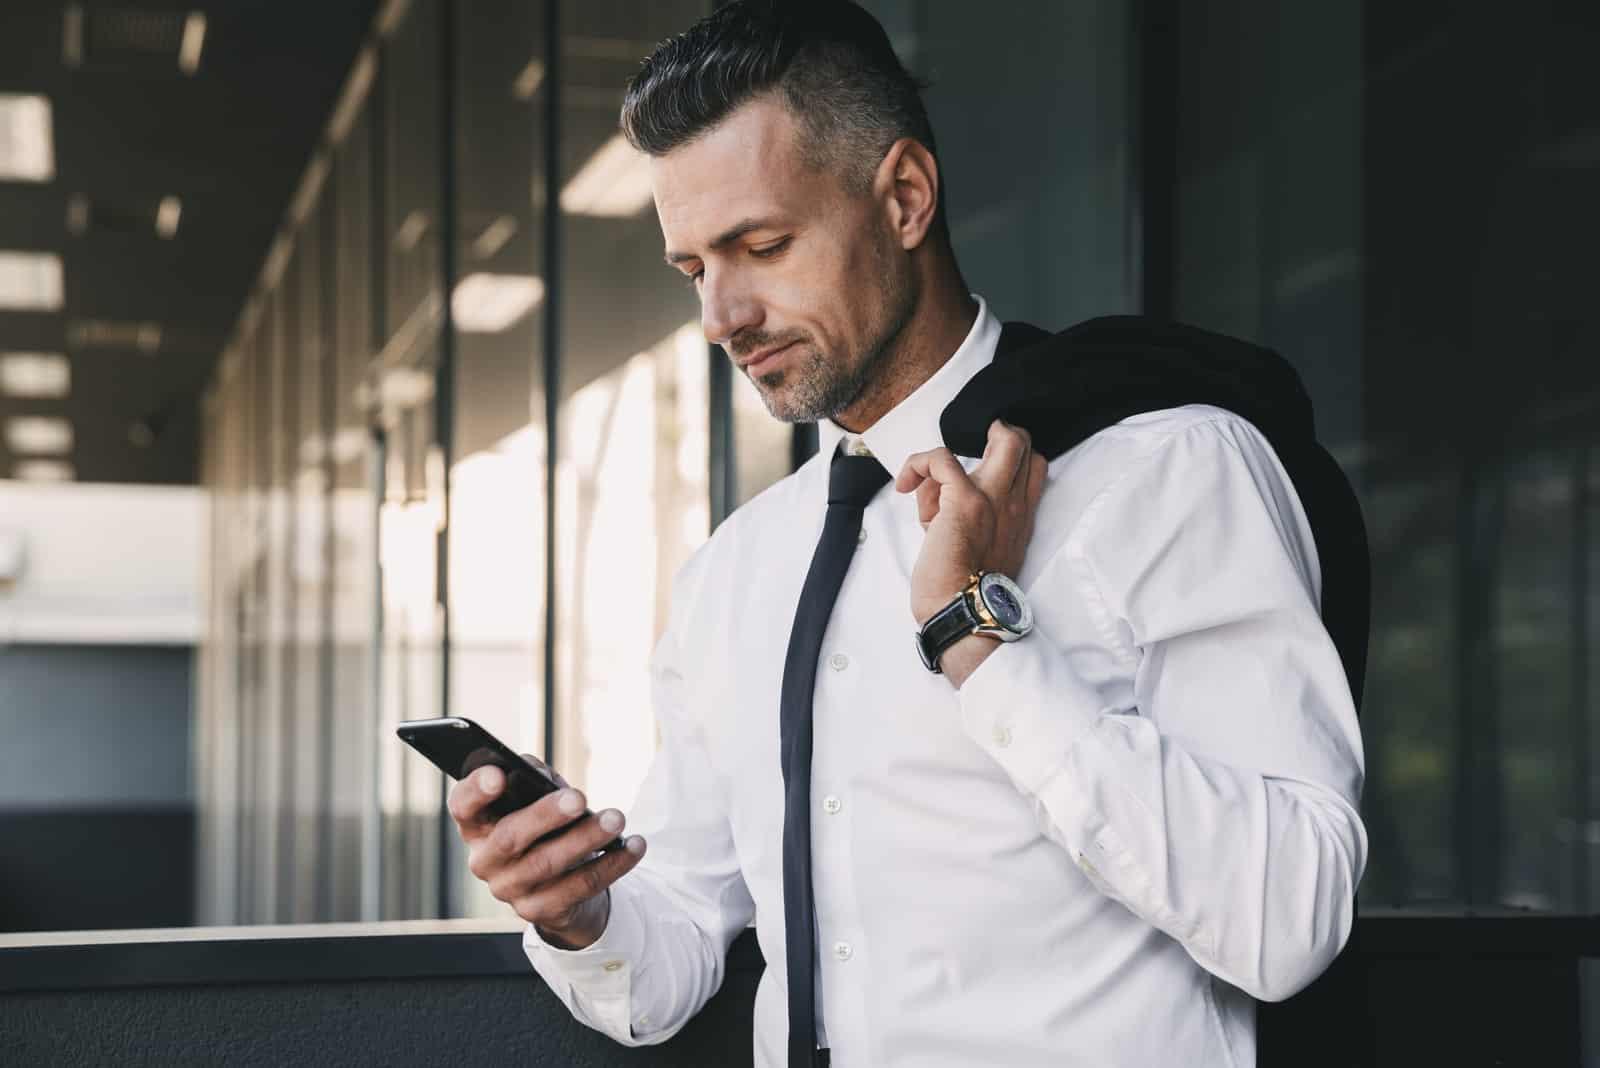 un homme imaginaire dans le département se dresse et un bouton sur le téléphone